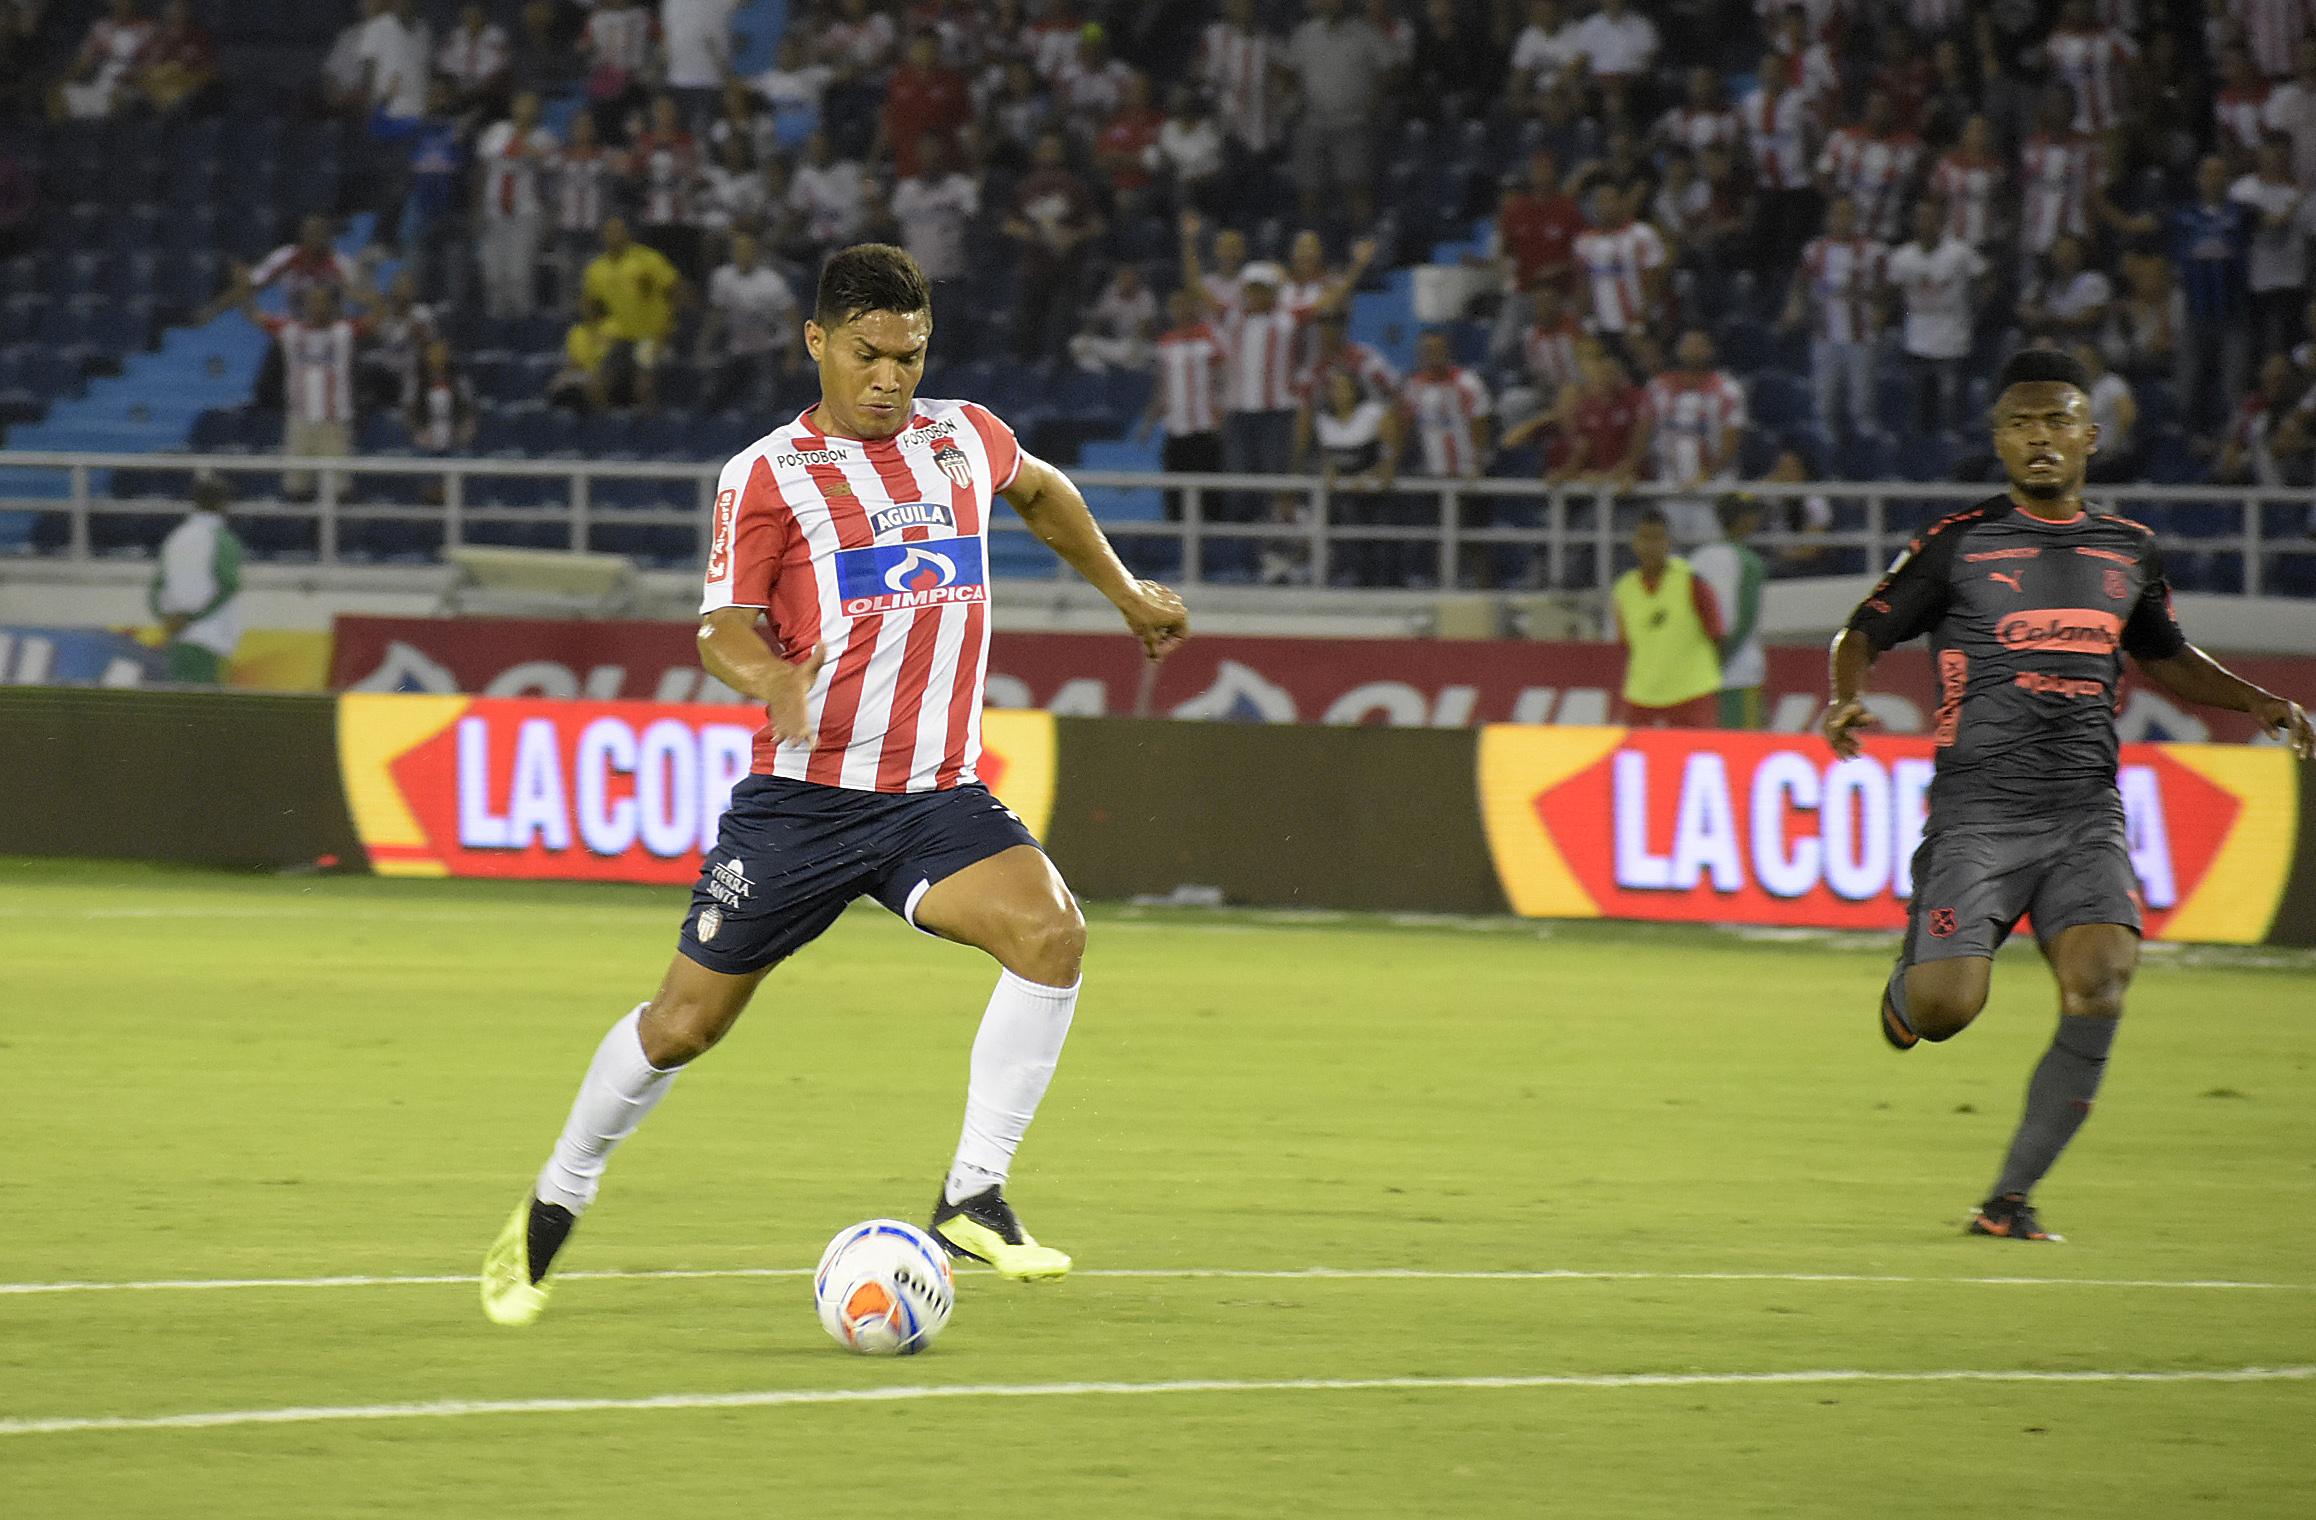 La opción de gol que Teófilo Gutiérrez desperdició cuando se encontraba solo ante David González.